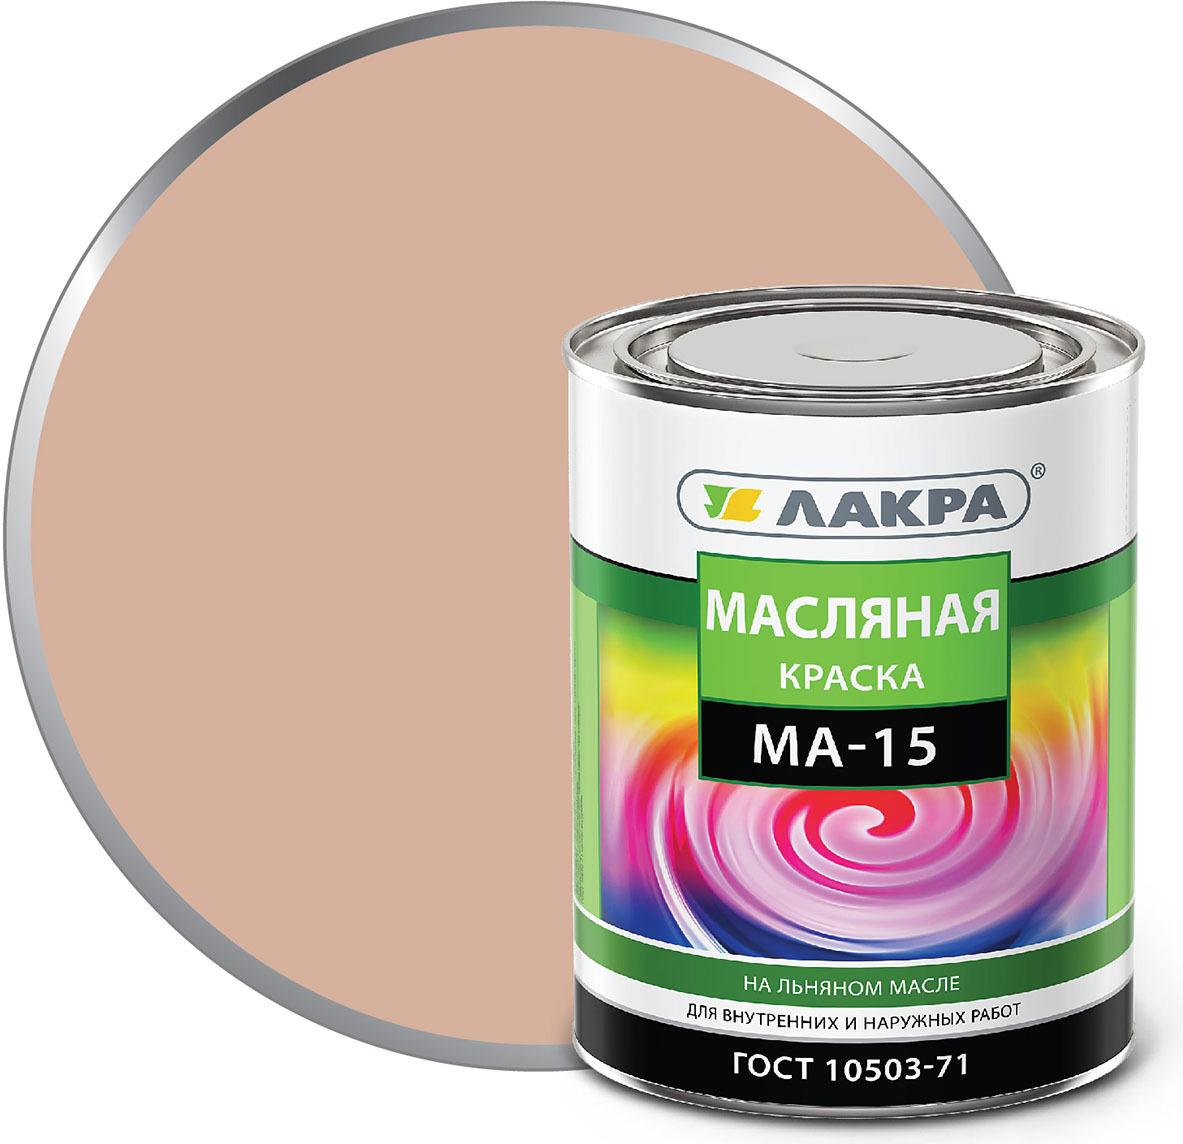 Краска Лакра МА-15, бежевый, 900 г краска масляная лакра ма 15 бежевый 0 9кг